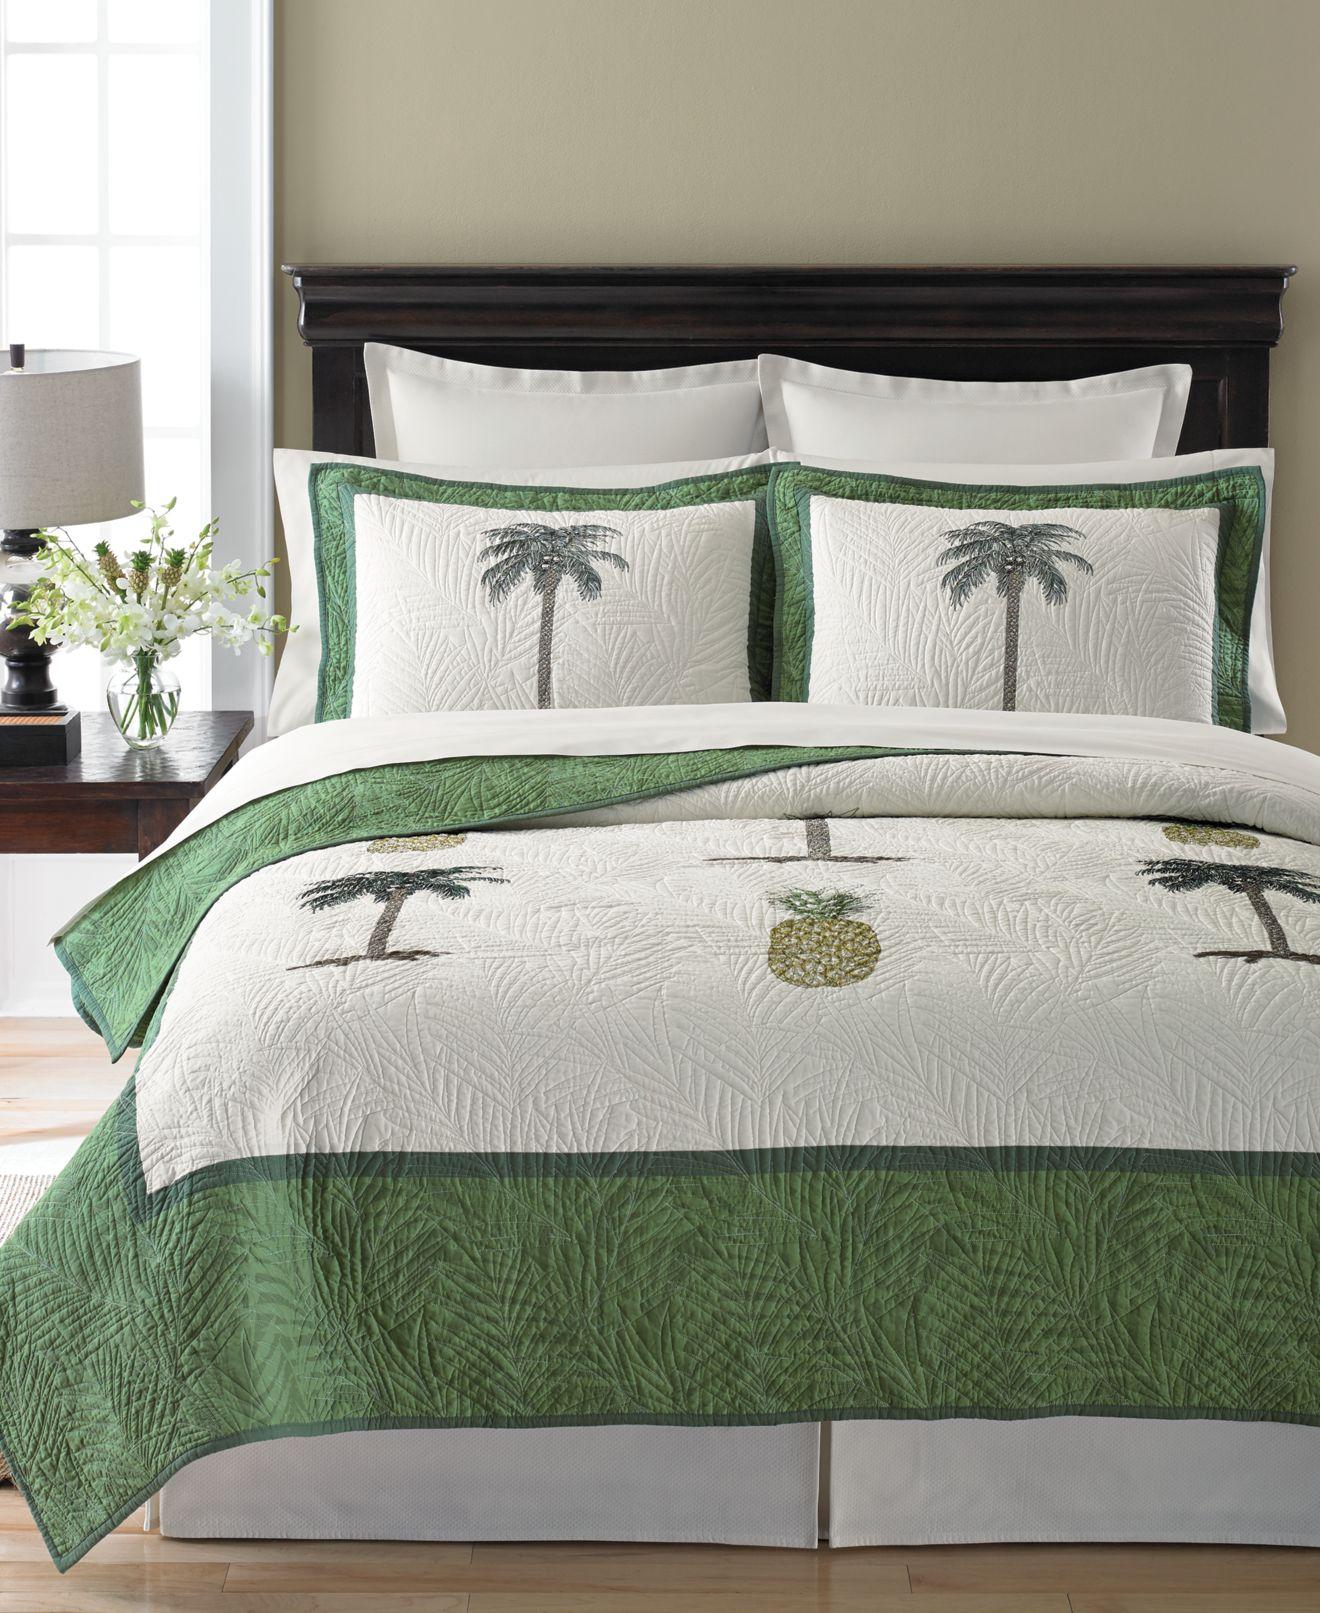 Natori Bedding Tankga Collection King Size Bedding